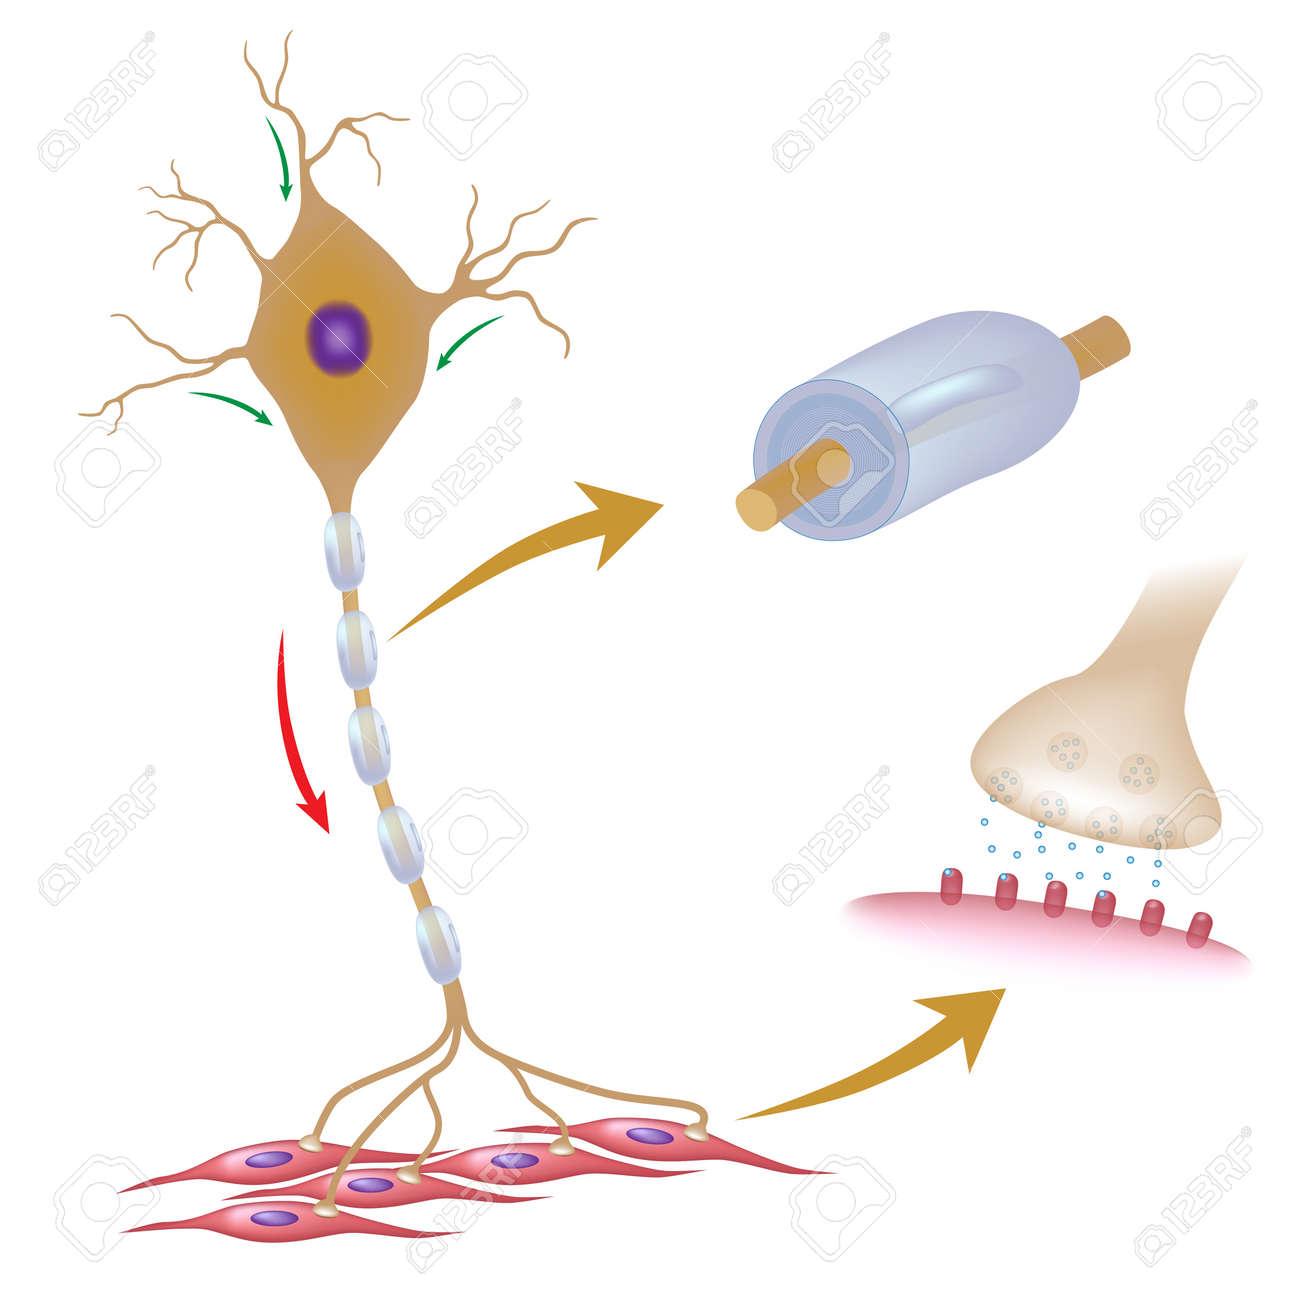 ミエリンとシナプスの詳細と運動ニューロンのイラスト素材ベクタ